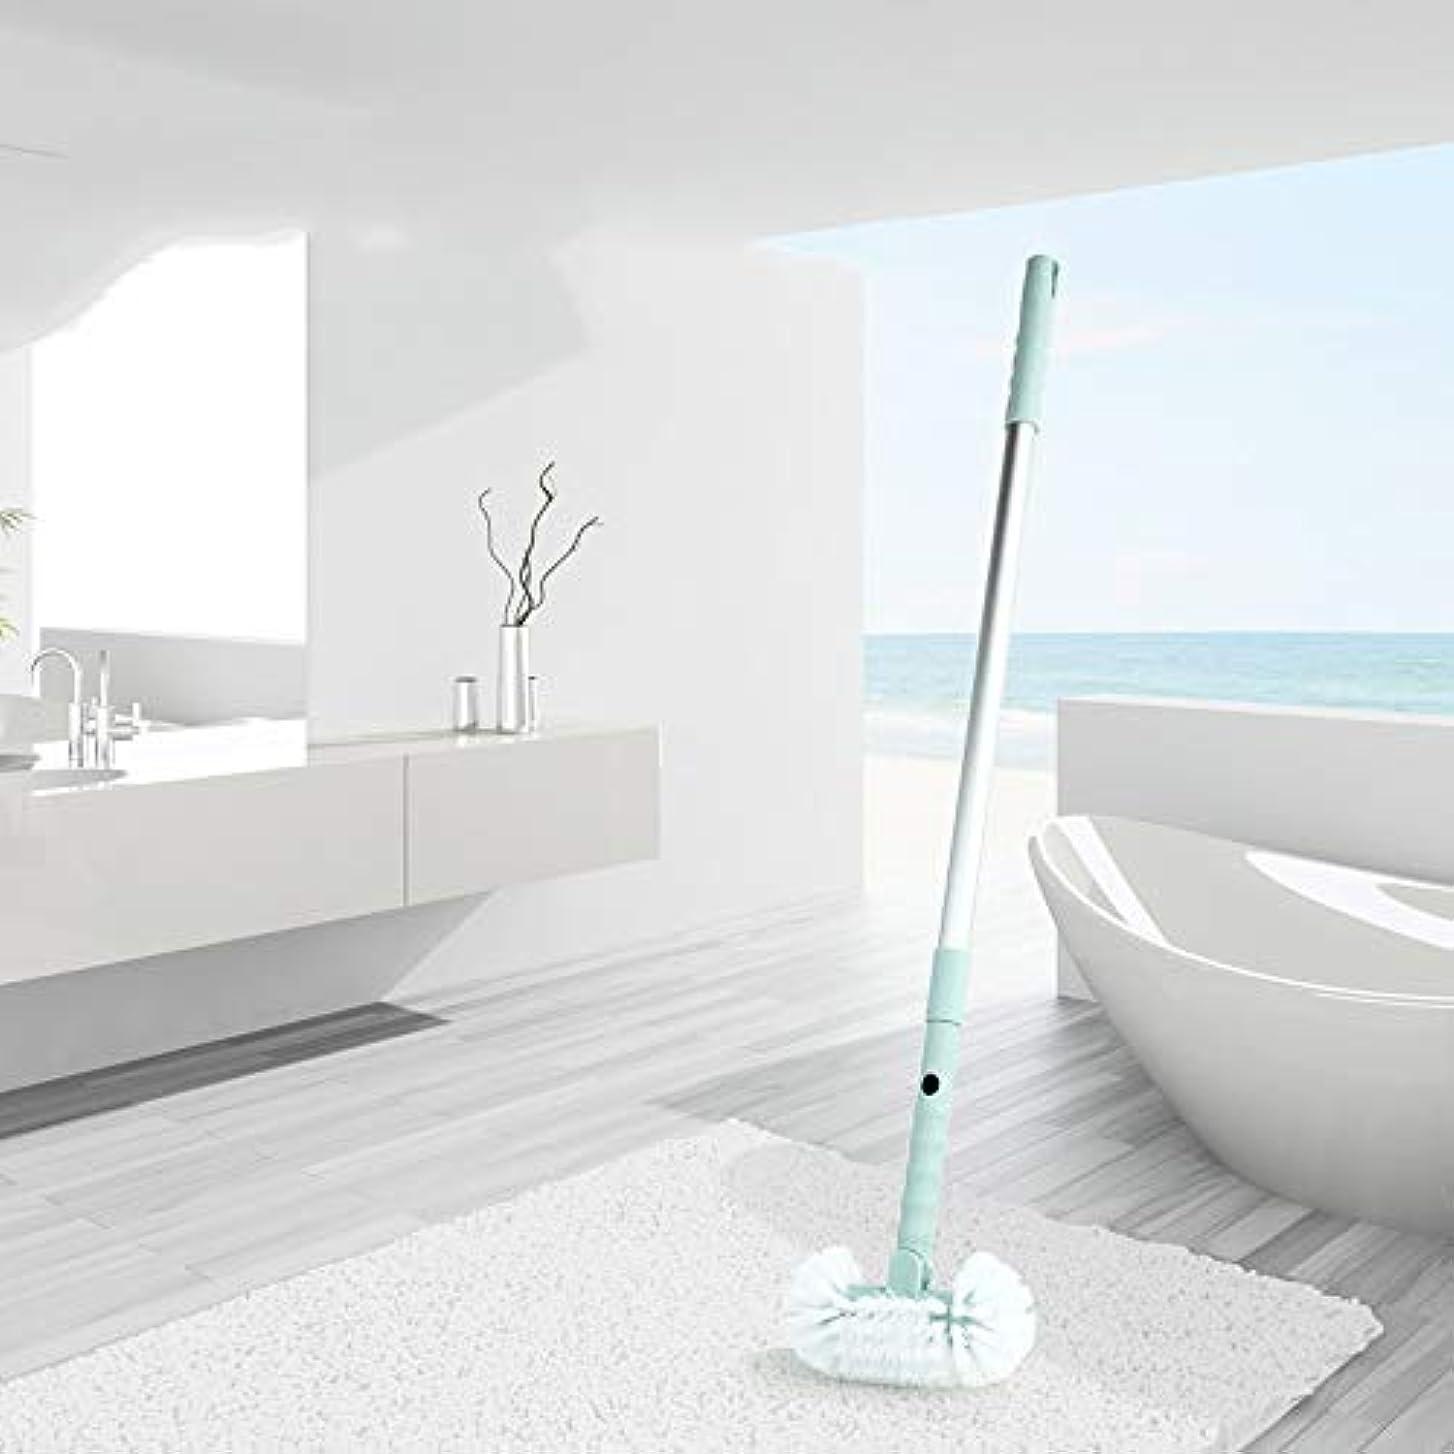 花輪ちっちゃい問題ポアクリーニング ホームバスルーム引き戻し可能なハードブラシトイレ浴室バスタブフロアクリーニングブラシ マッサージブラシ